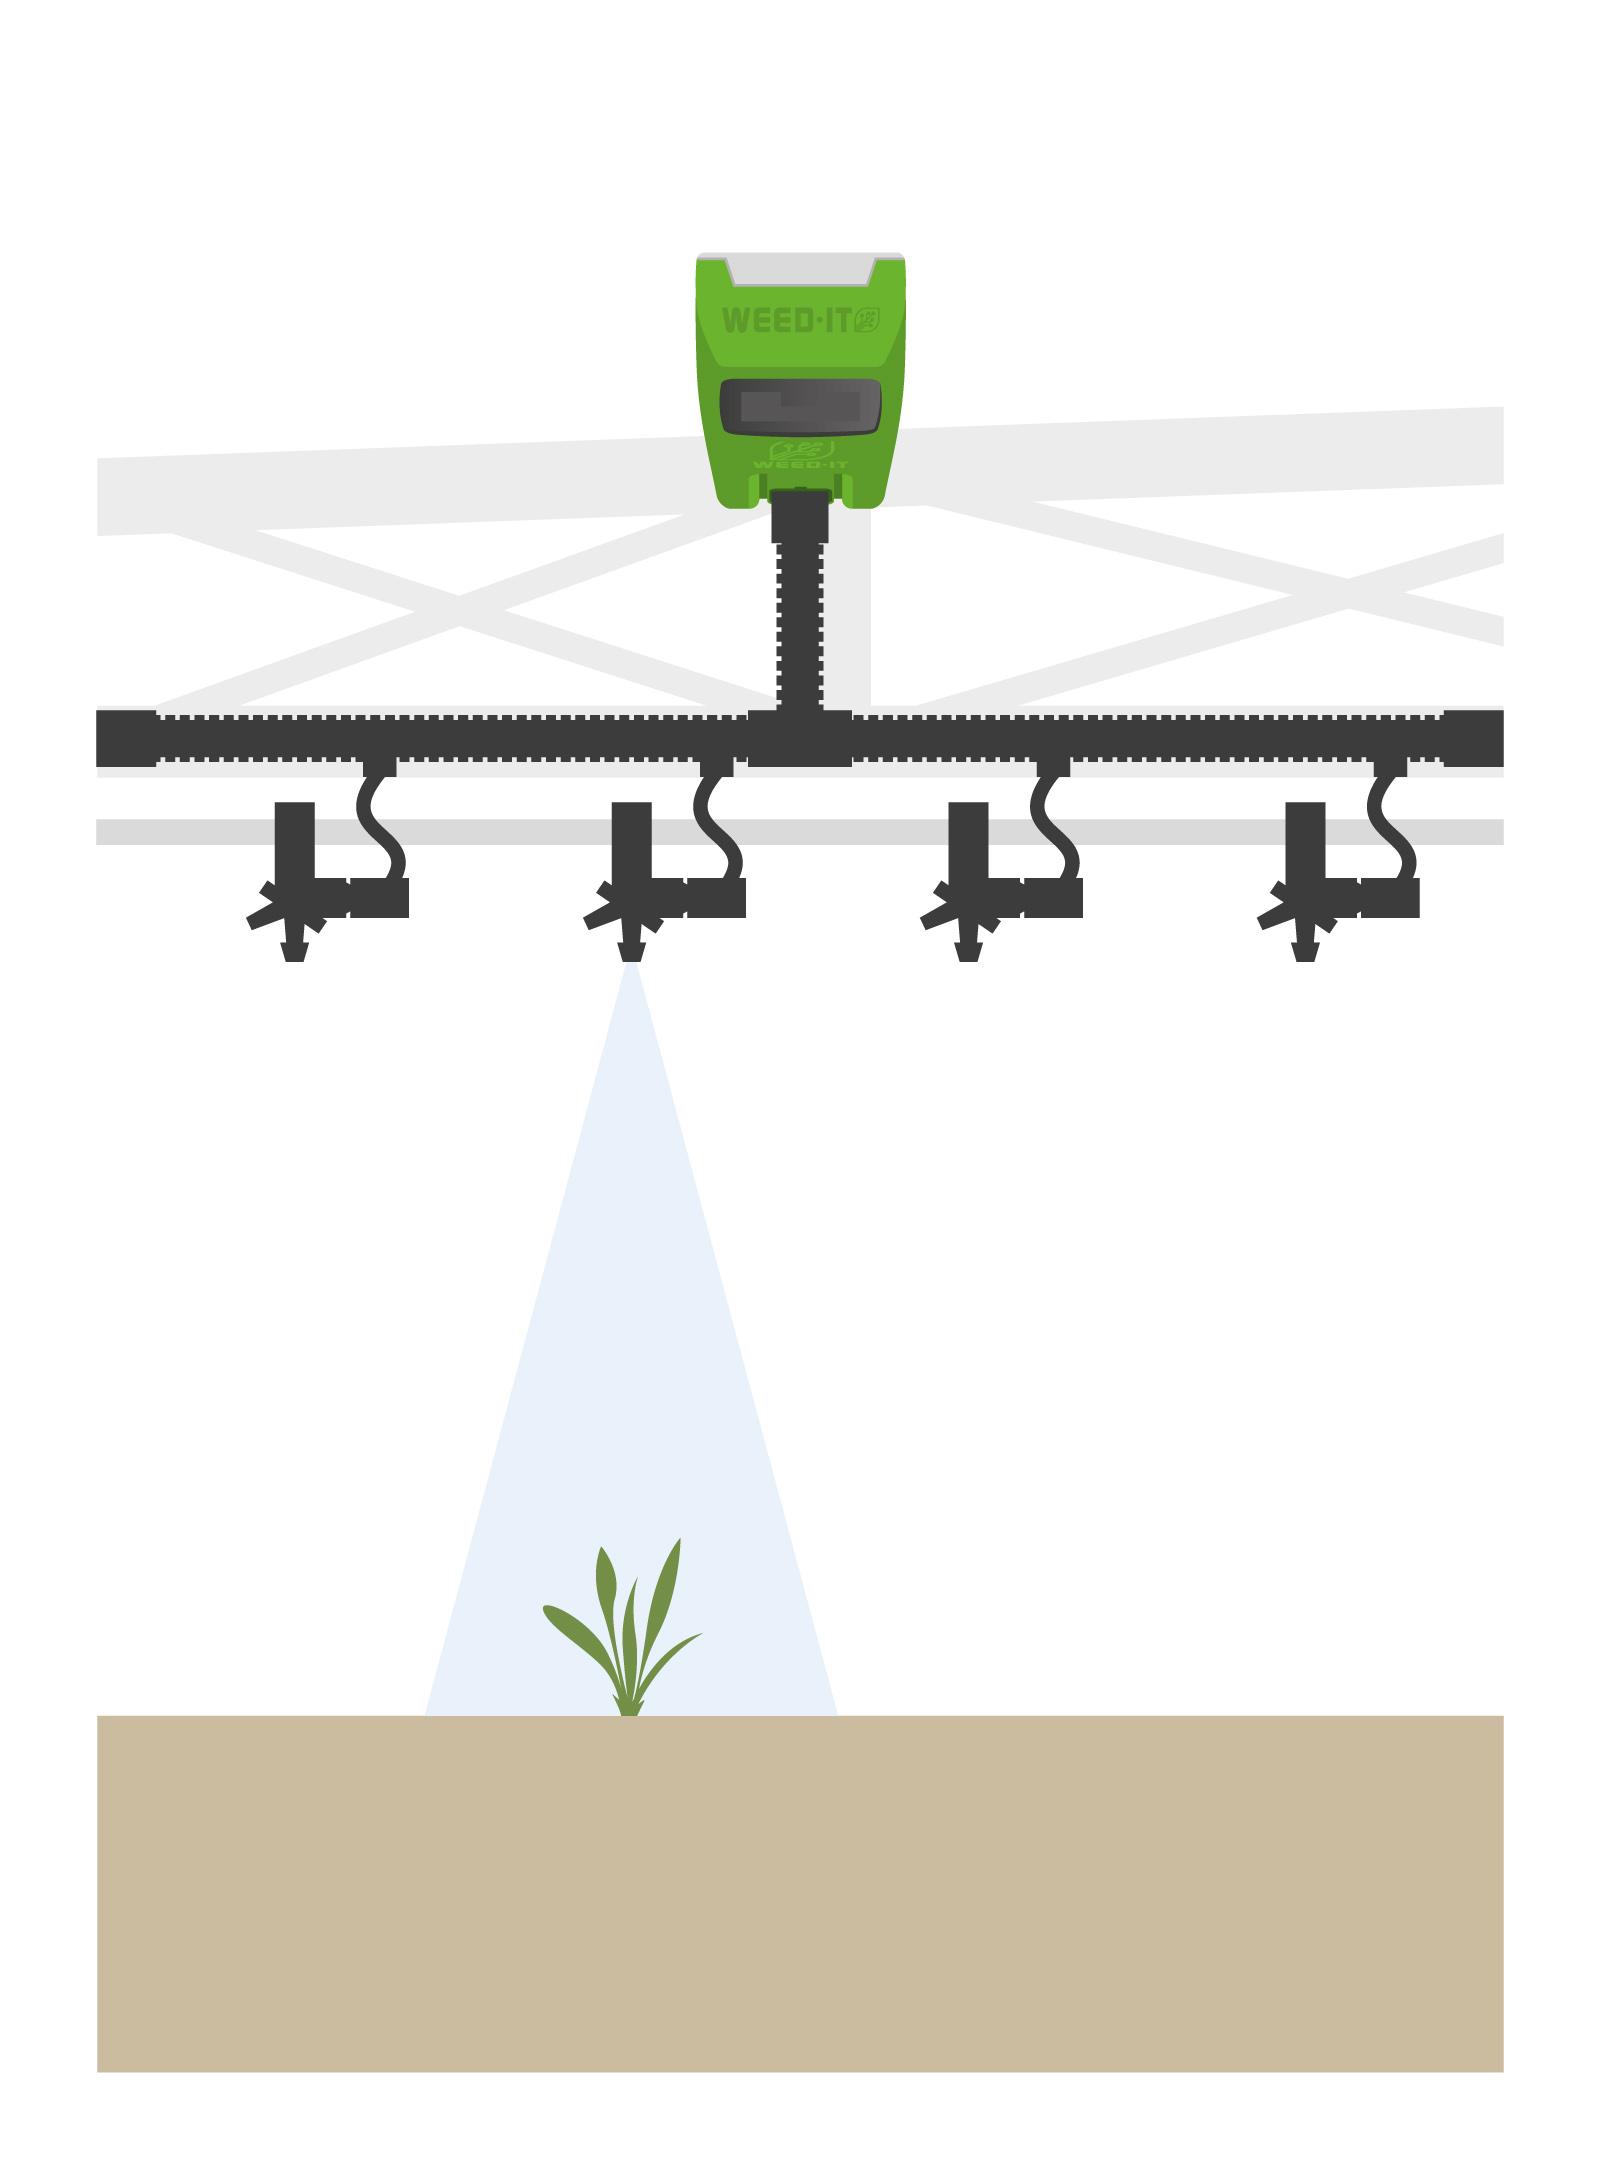 WEED-IT Spot Spraying